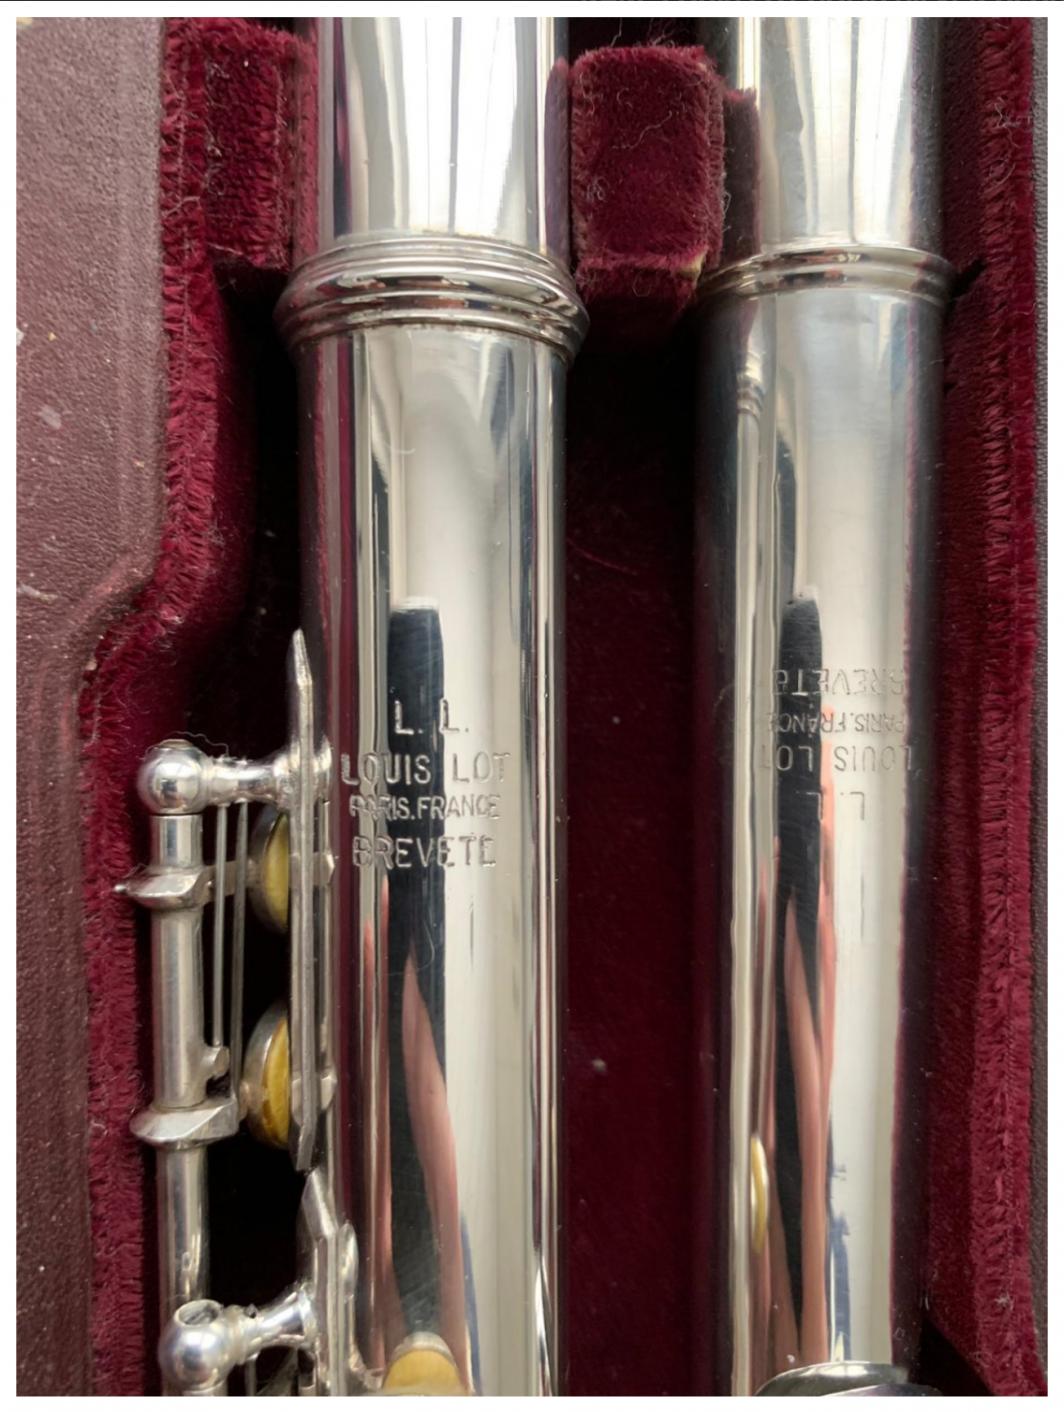 Louis Lot flute for sale